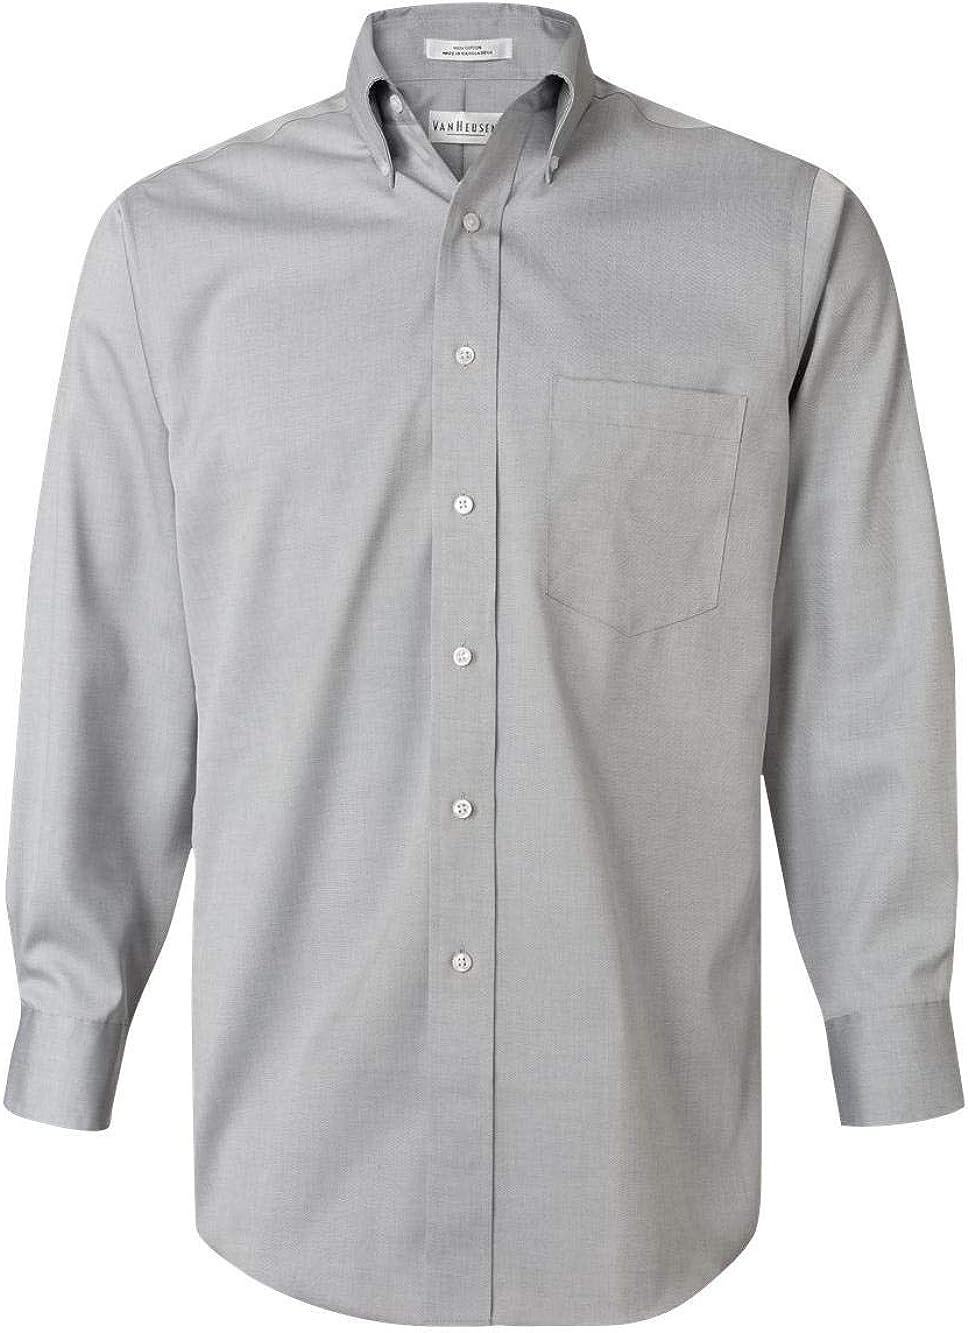 Van Heusen - Camisa de vestir para hombre, 100% algodón, no necesita planchado, colores